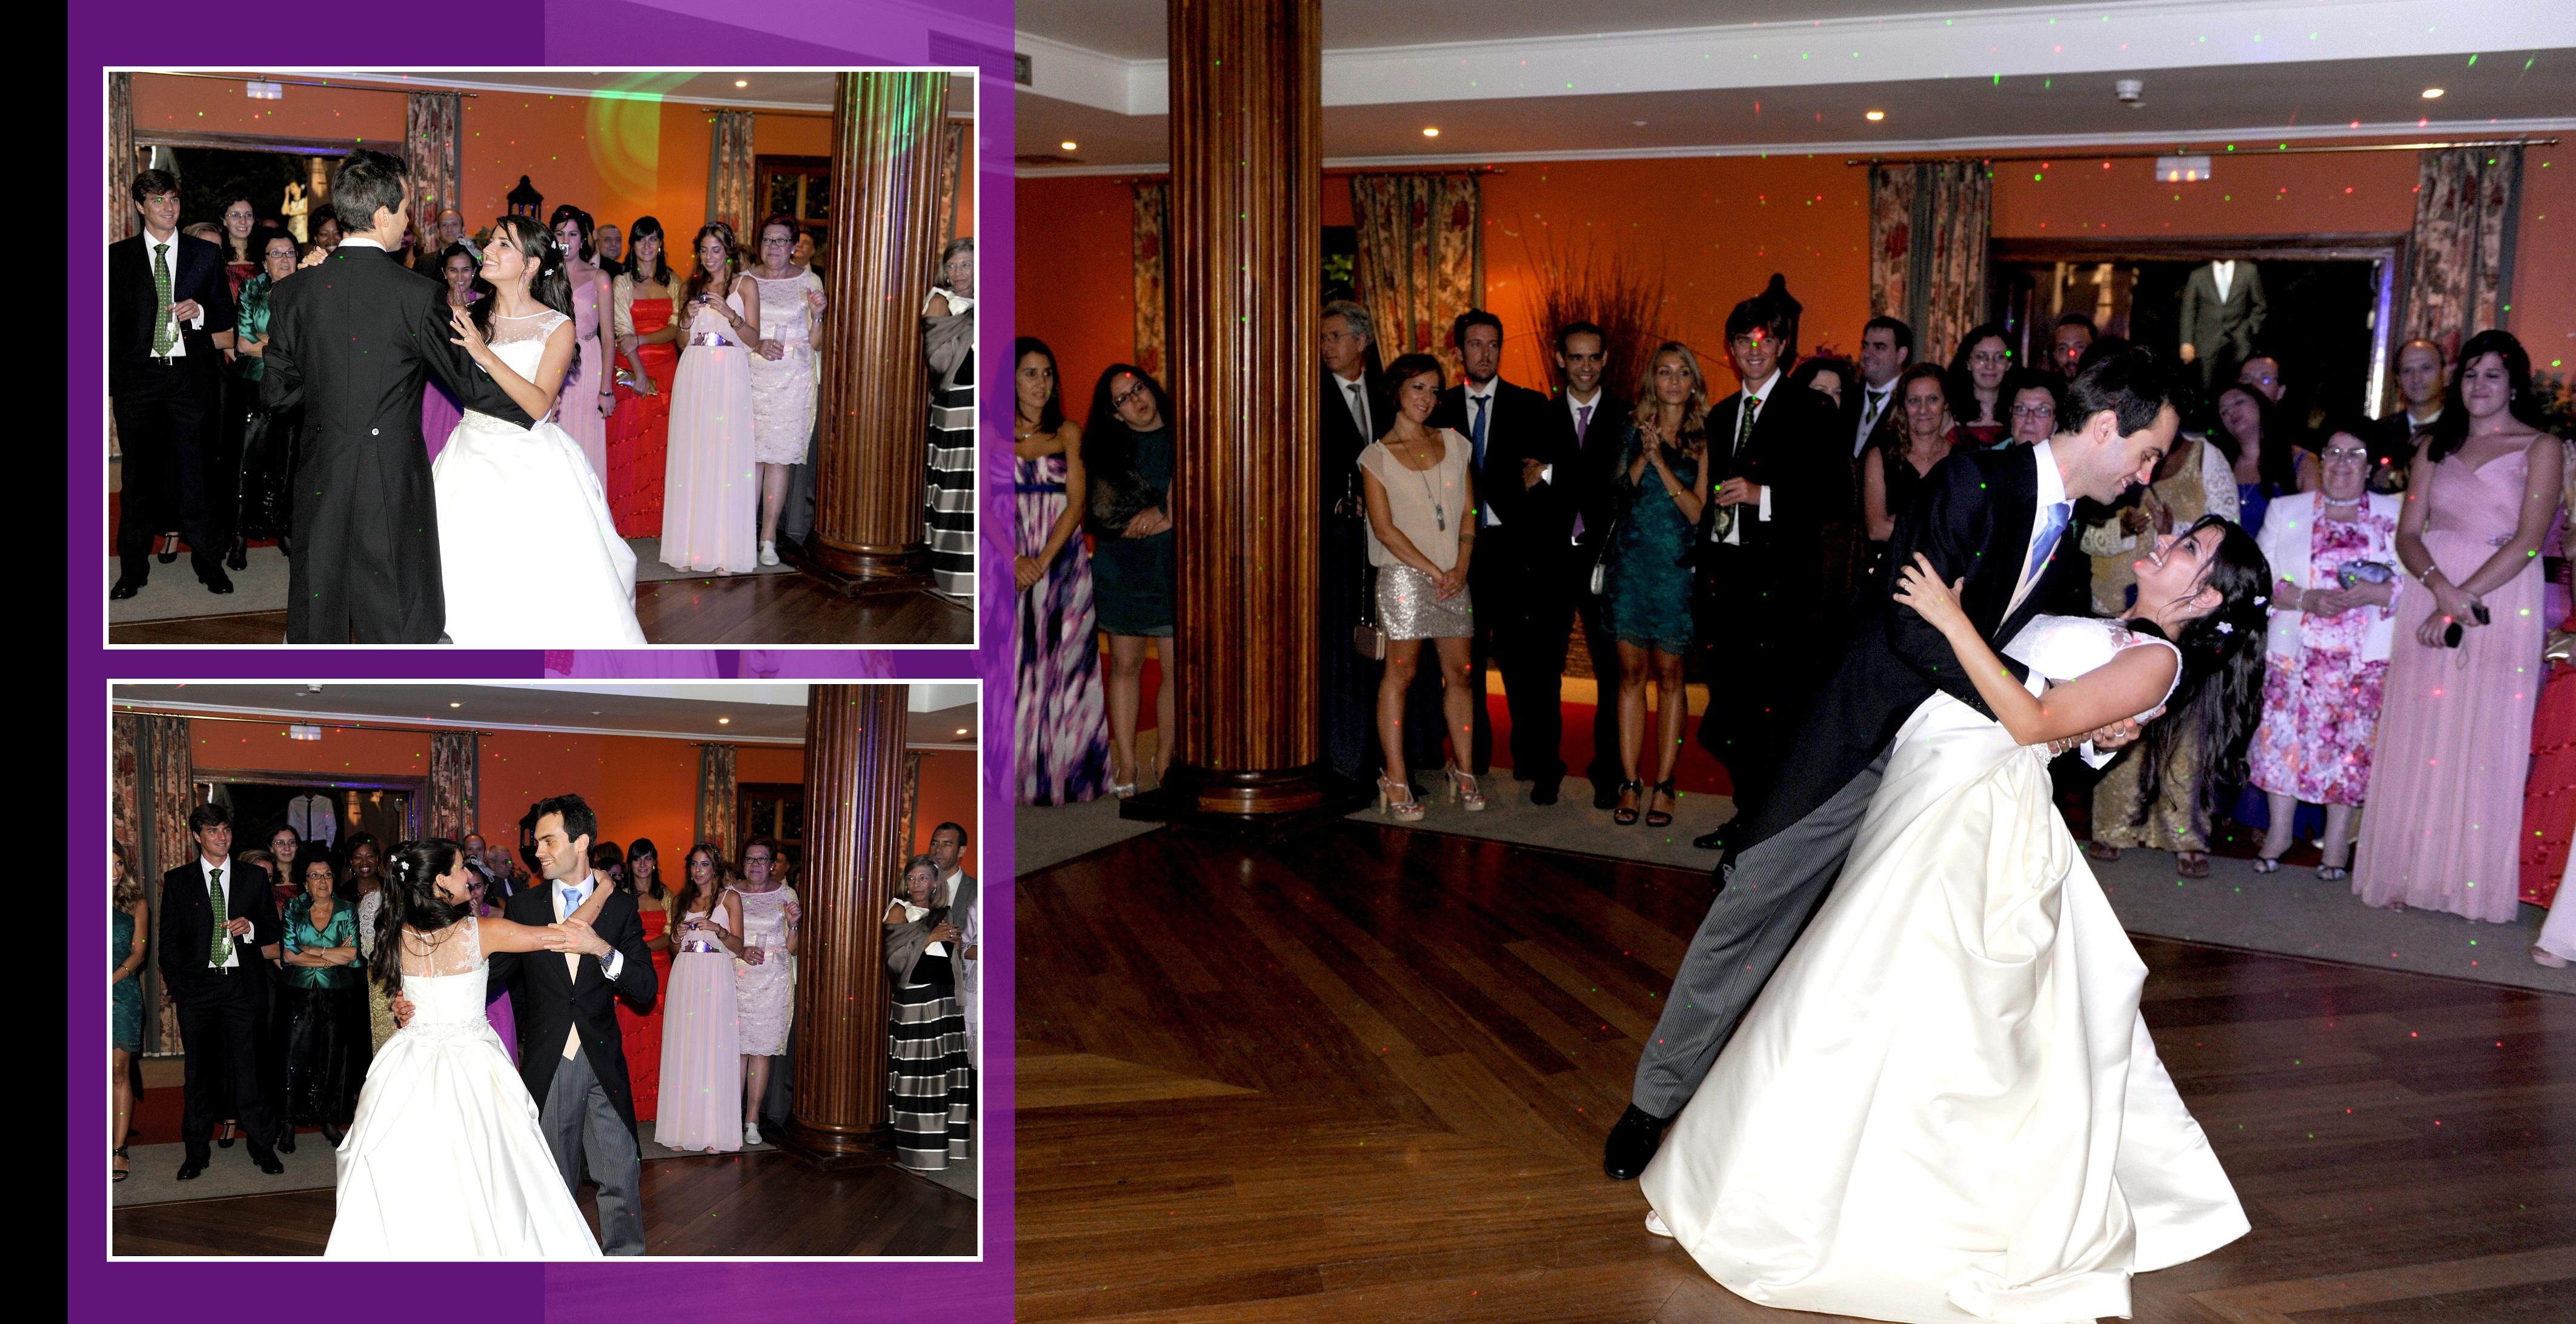 Clases Baile de Boda-Baile Nupcial-Baile de Novios Madrid- Baile de Boda-Clases de Baile en Madrid-Clases de Baile para Novios-Preparación del Baile de Boda en Madrid- Clases de Bailes Latinos en Madrid-Clases de Bailes de Salón en Madrid- Clases de Salsa en Madrid-Juan Brenes-juanbrenesdancer-22